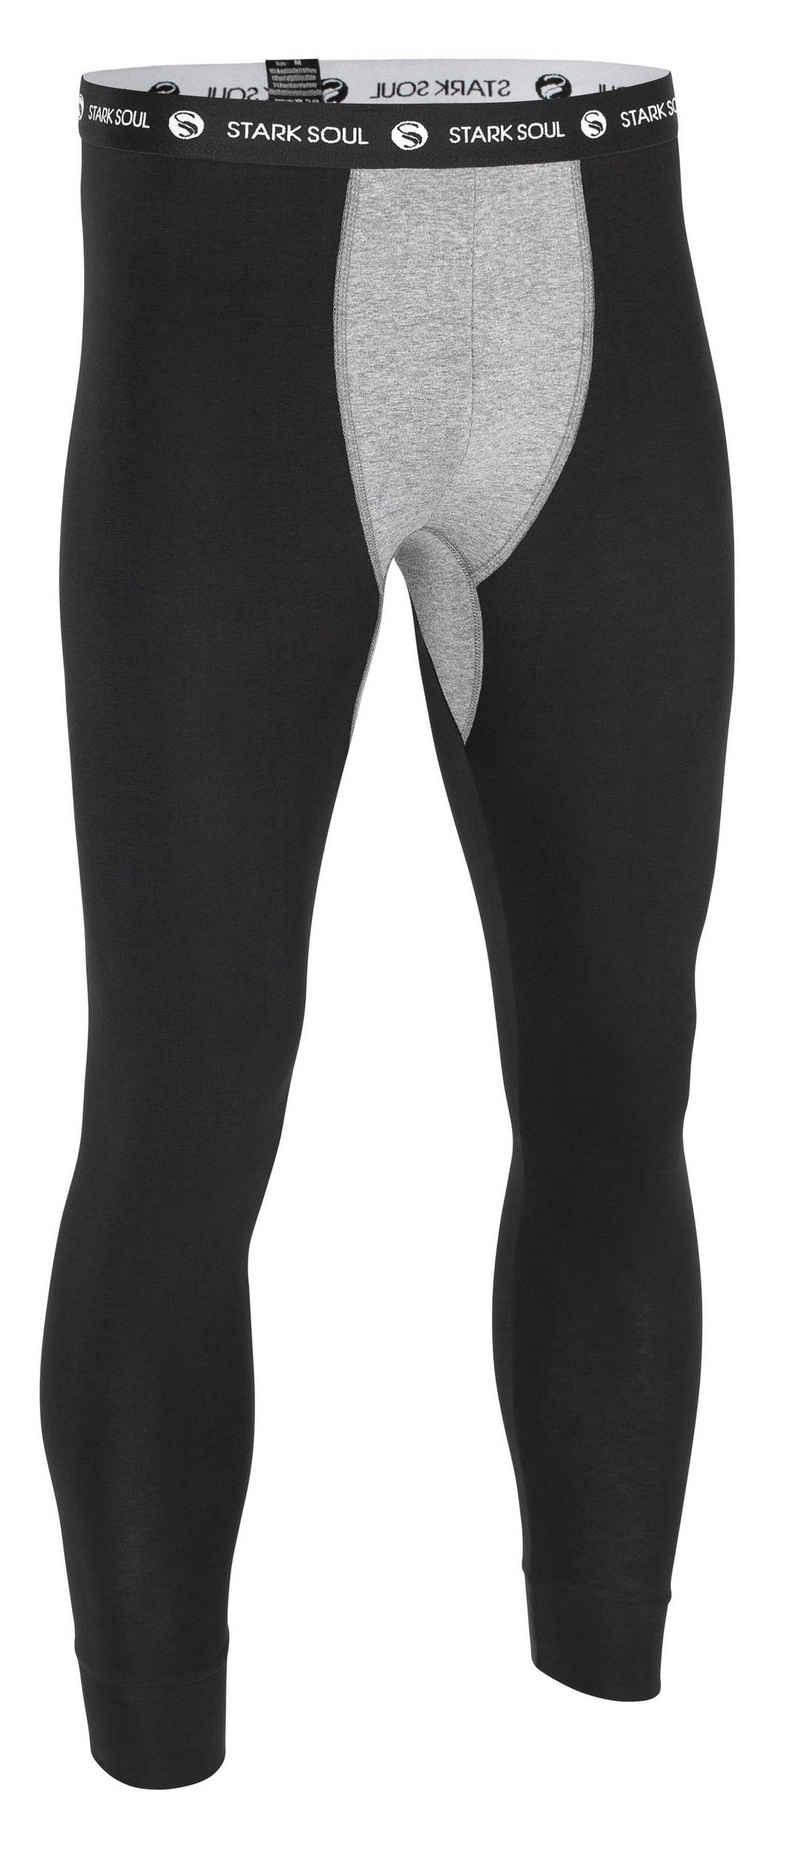 Stark Soul® Lange Unterhose in angenehmer Baumwoll-Jerseyqualität